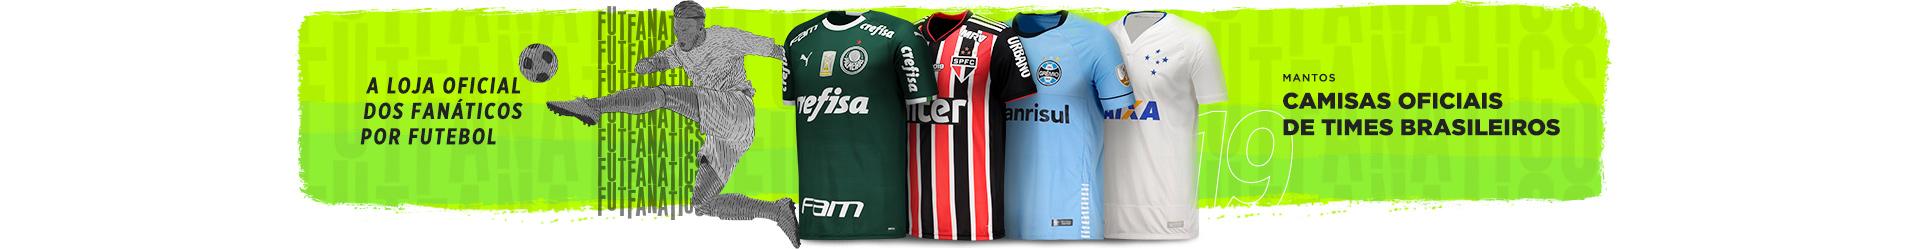 51e4f18c1 Camisas de Futebol dos Principais Clubes de Minas Gerais - FutFanatics